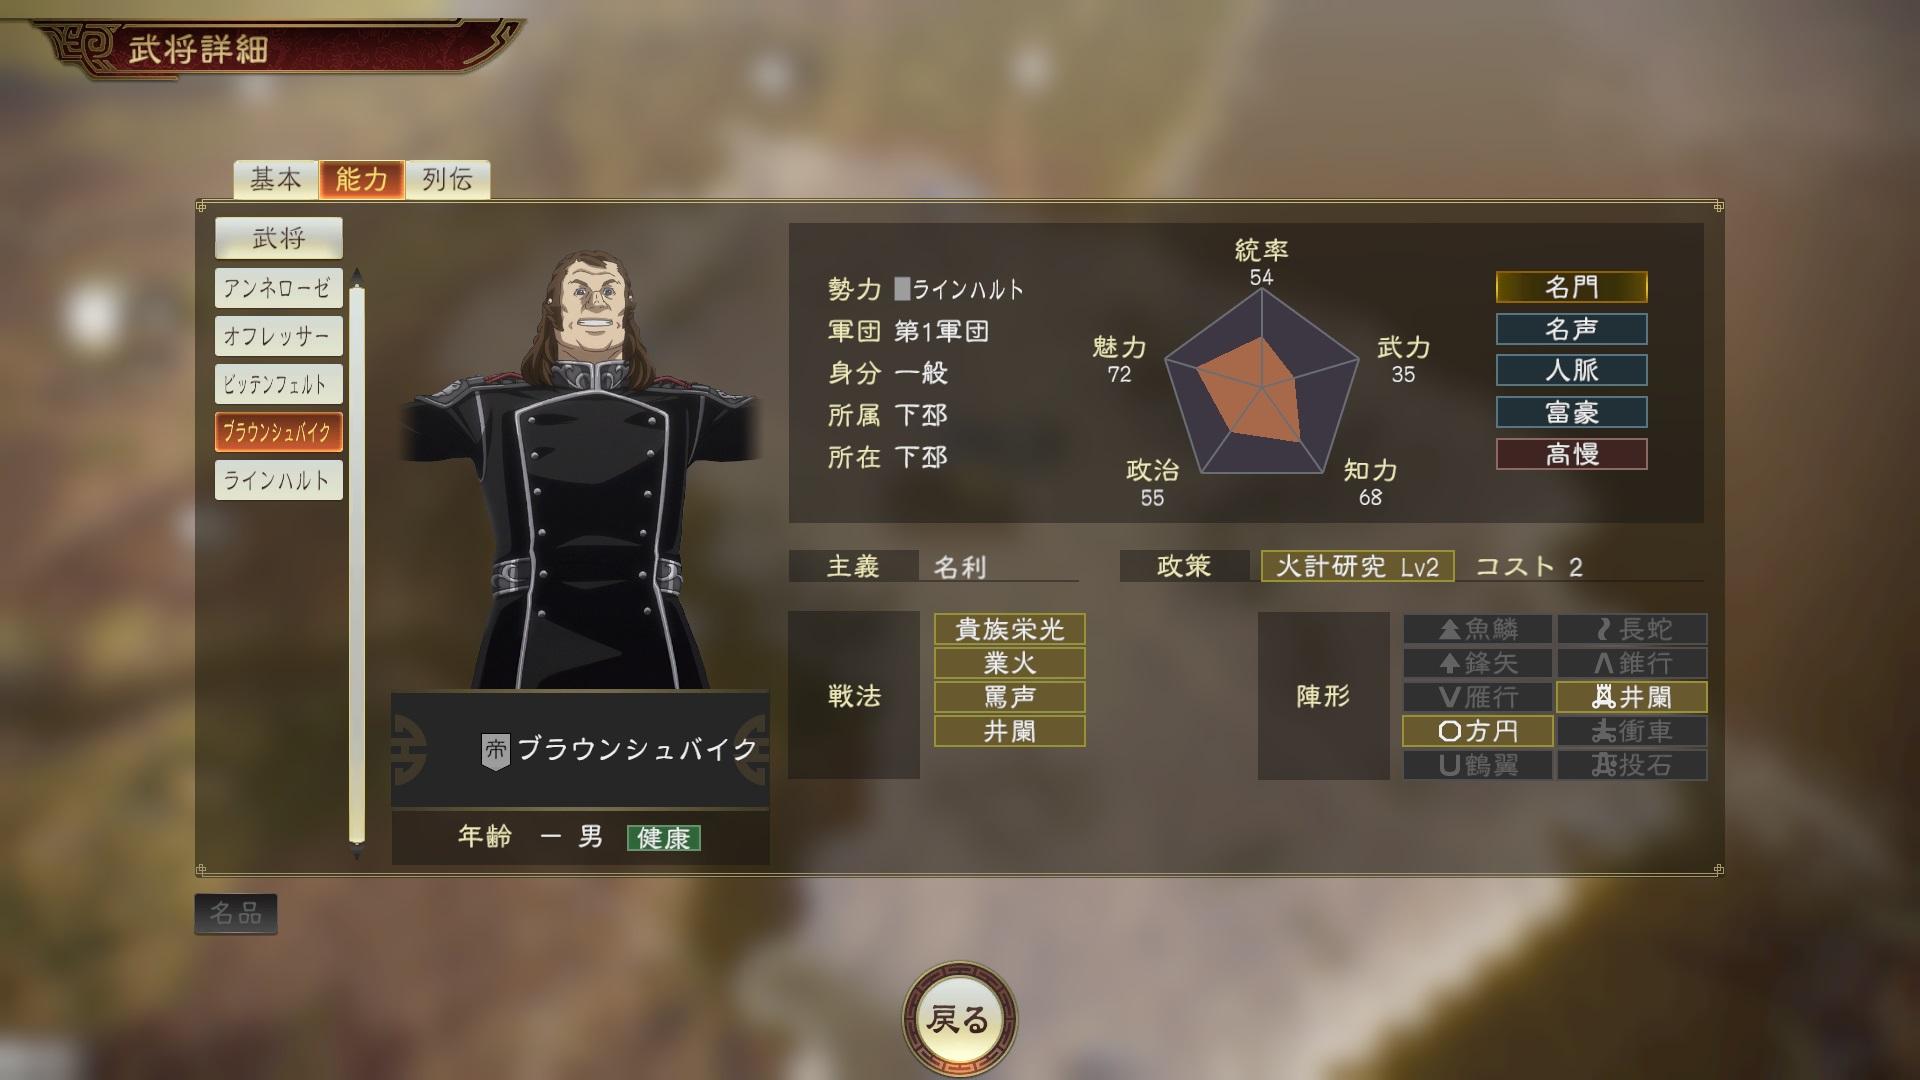 《三国志14》银英传联动免费DLC角色五维图公布 (1)